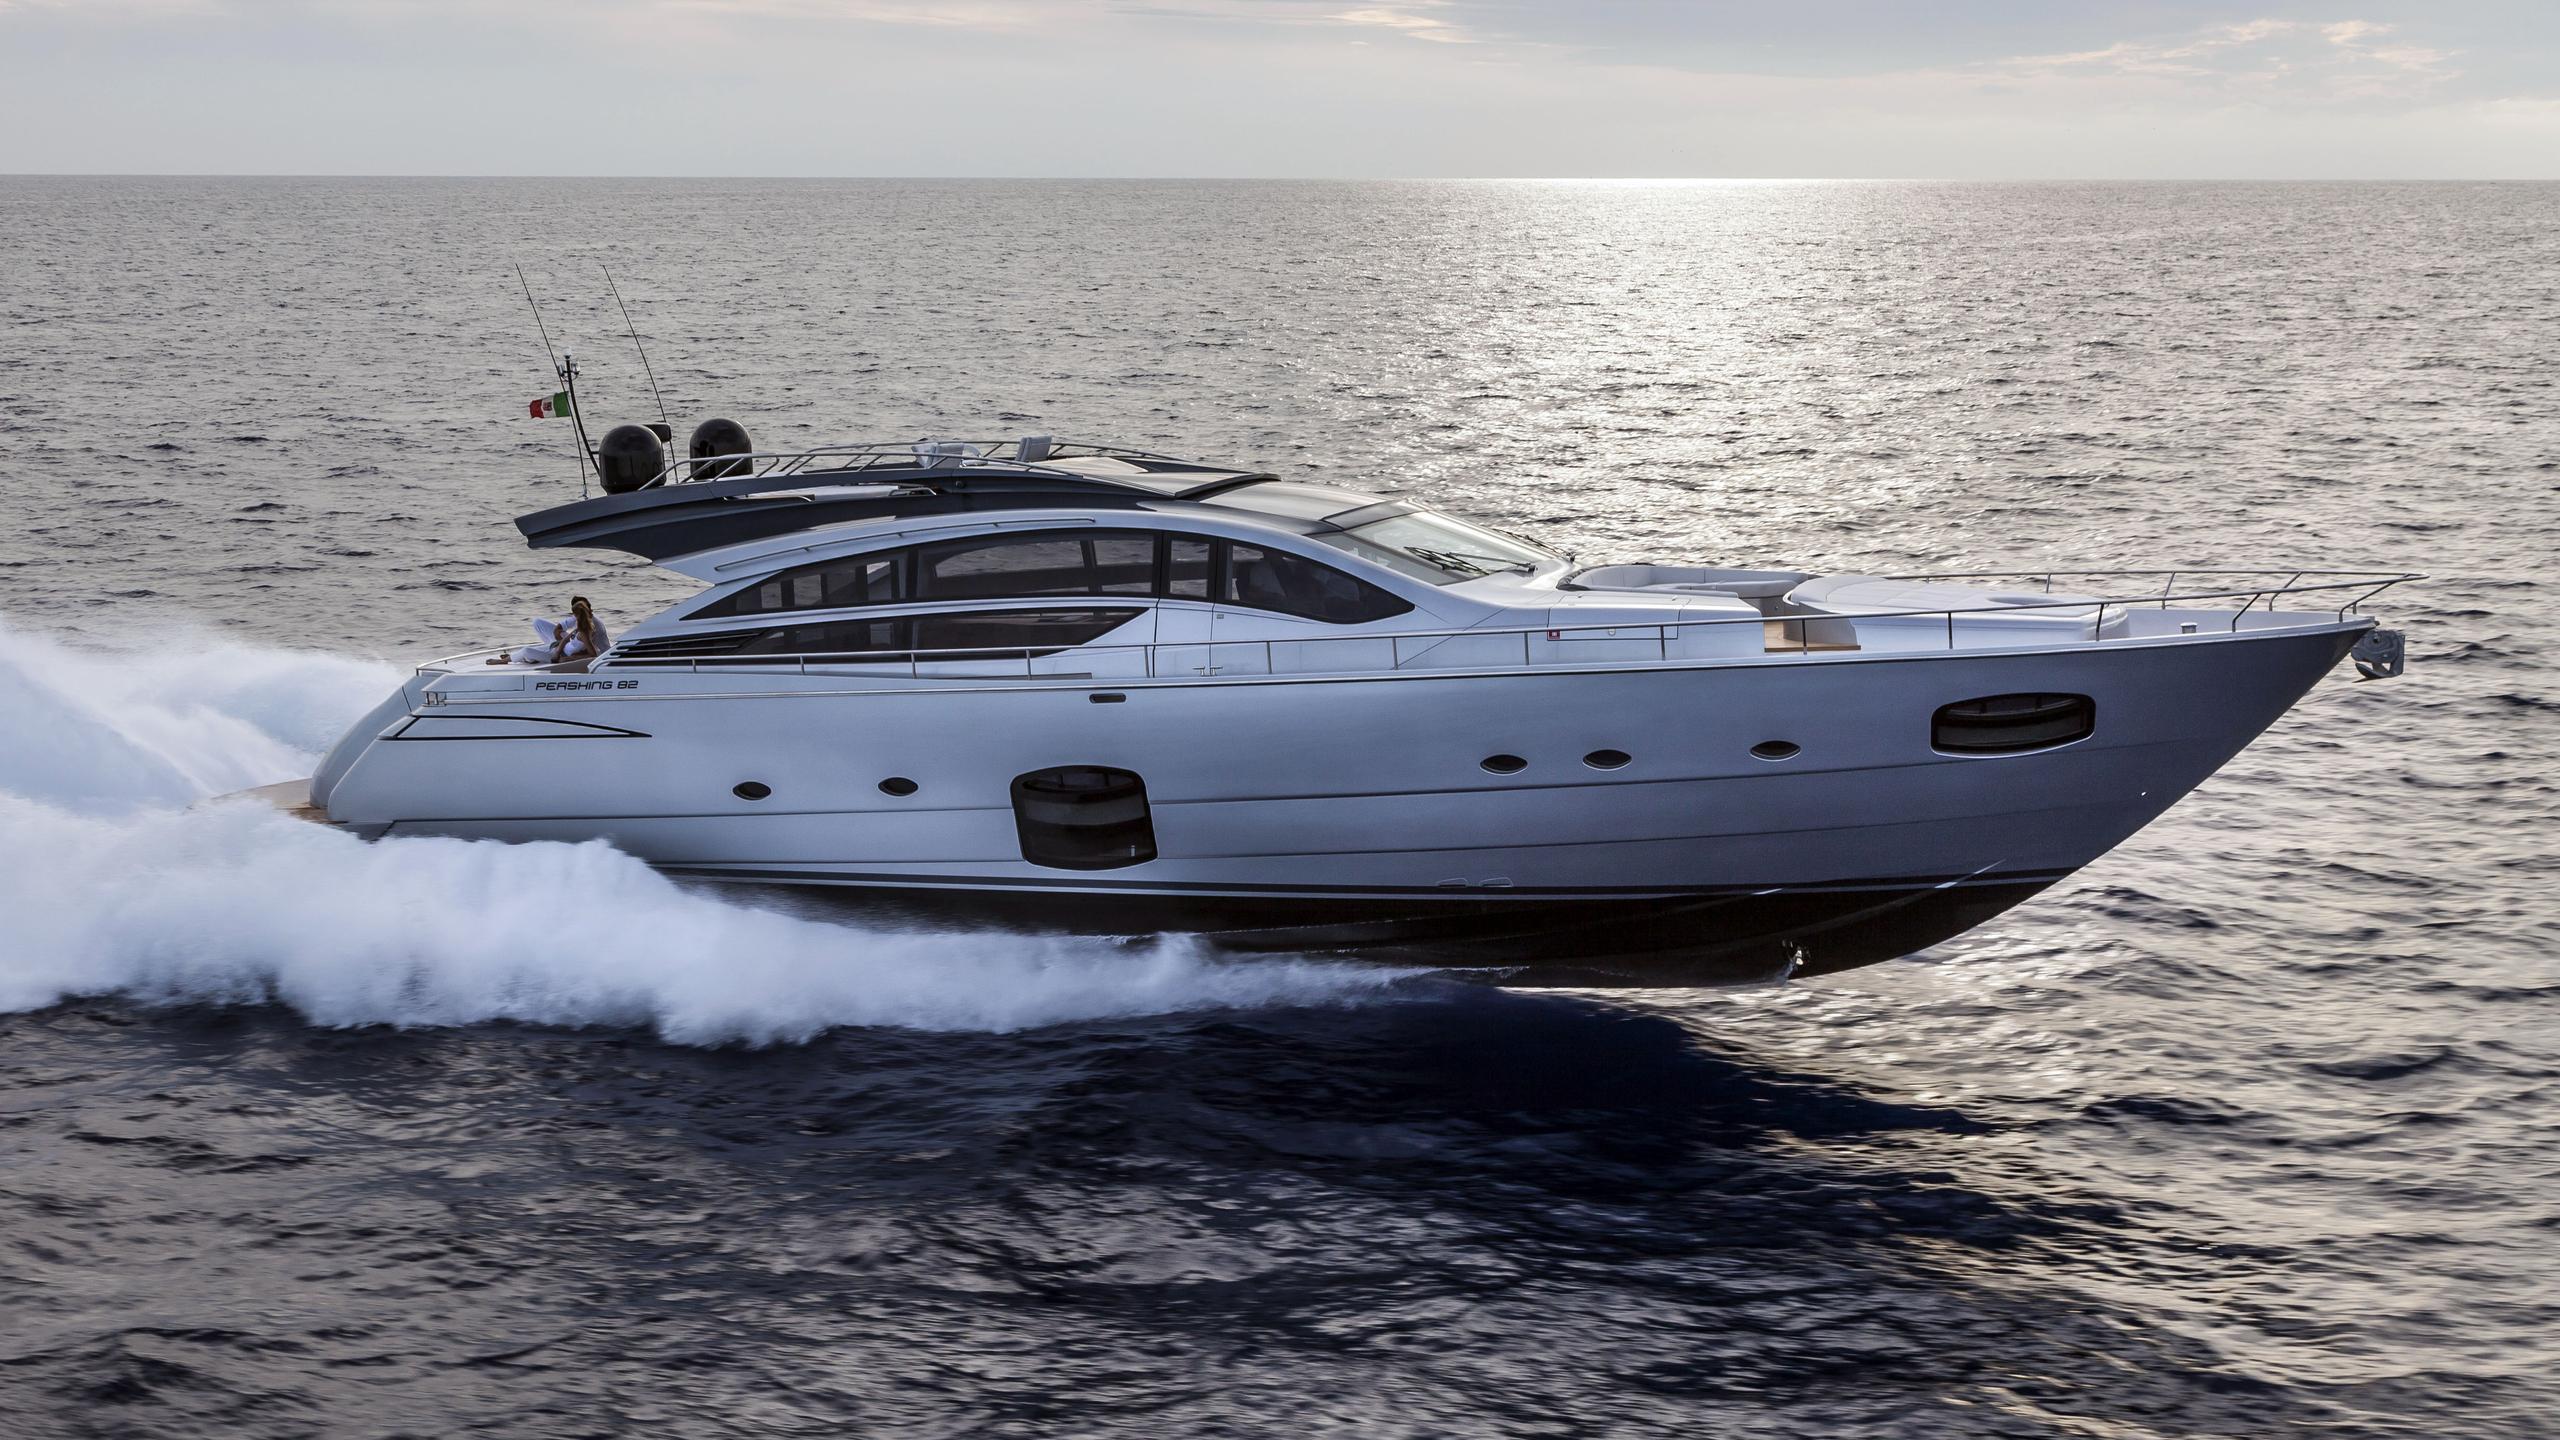 milagros pershing 82 motoryacht 2013 25m cruising sistership